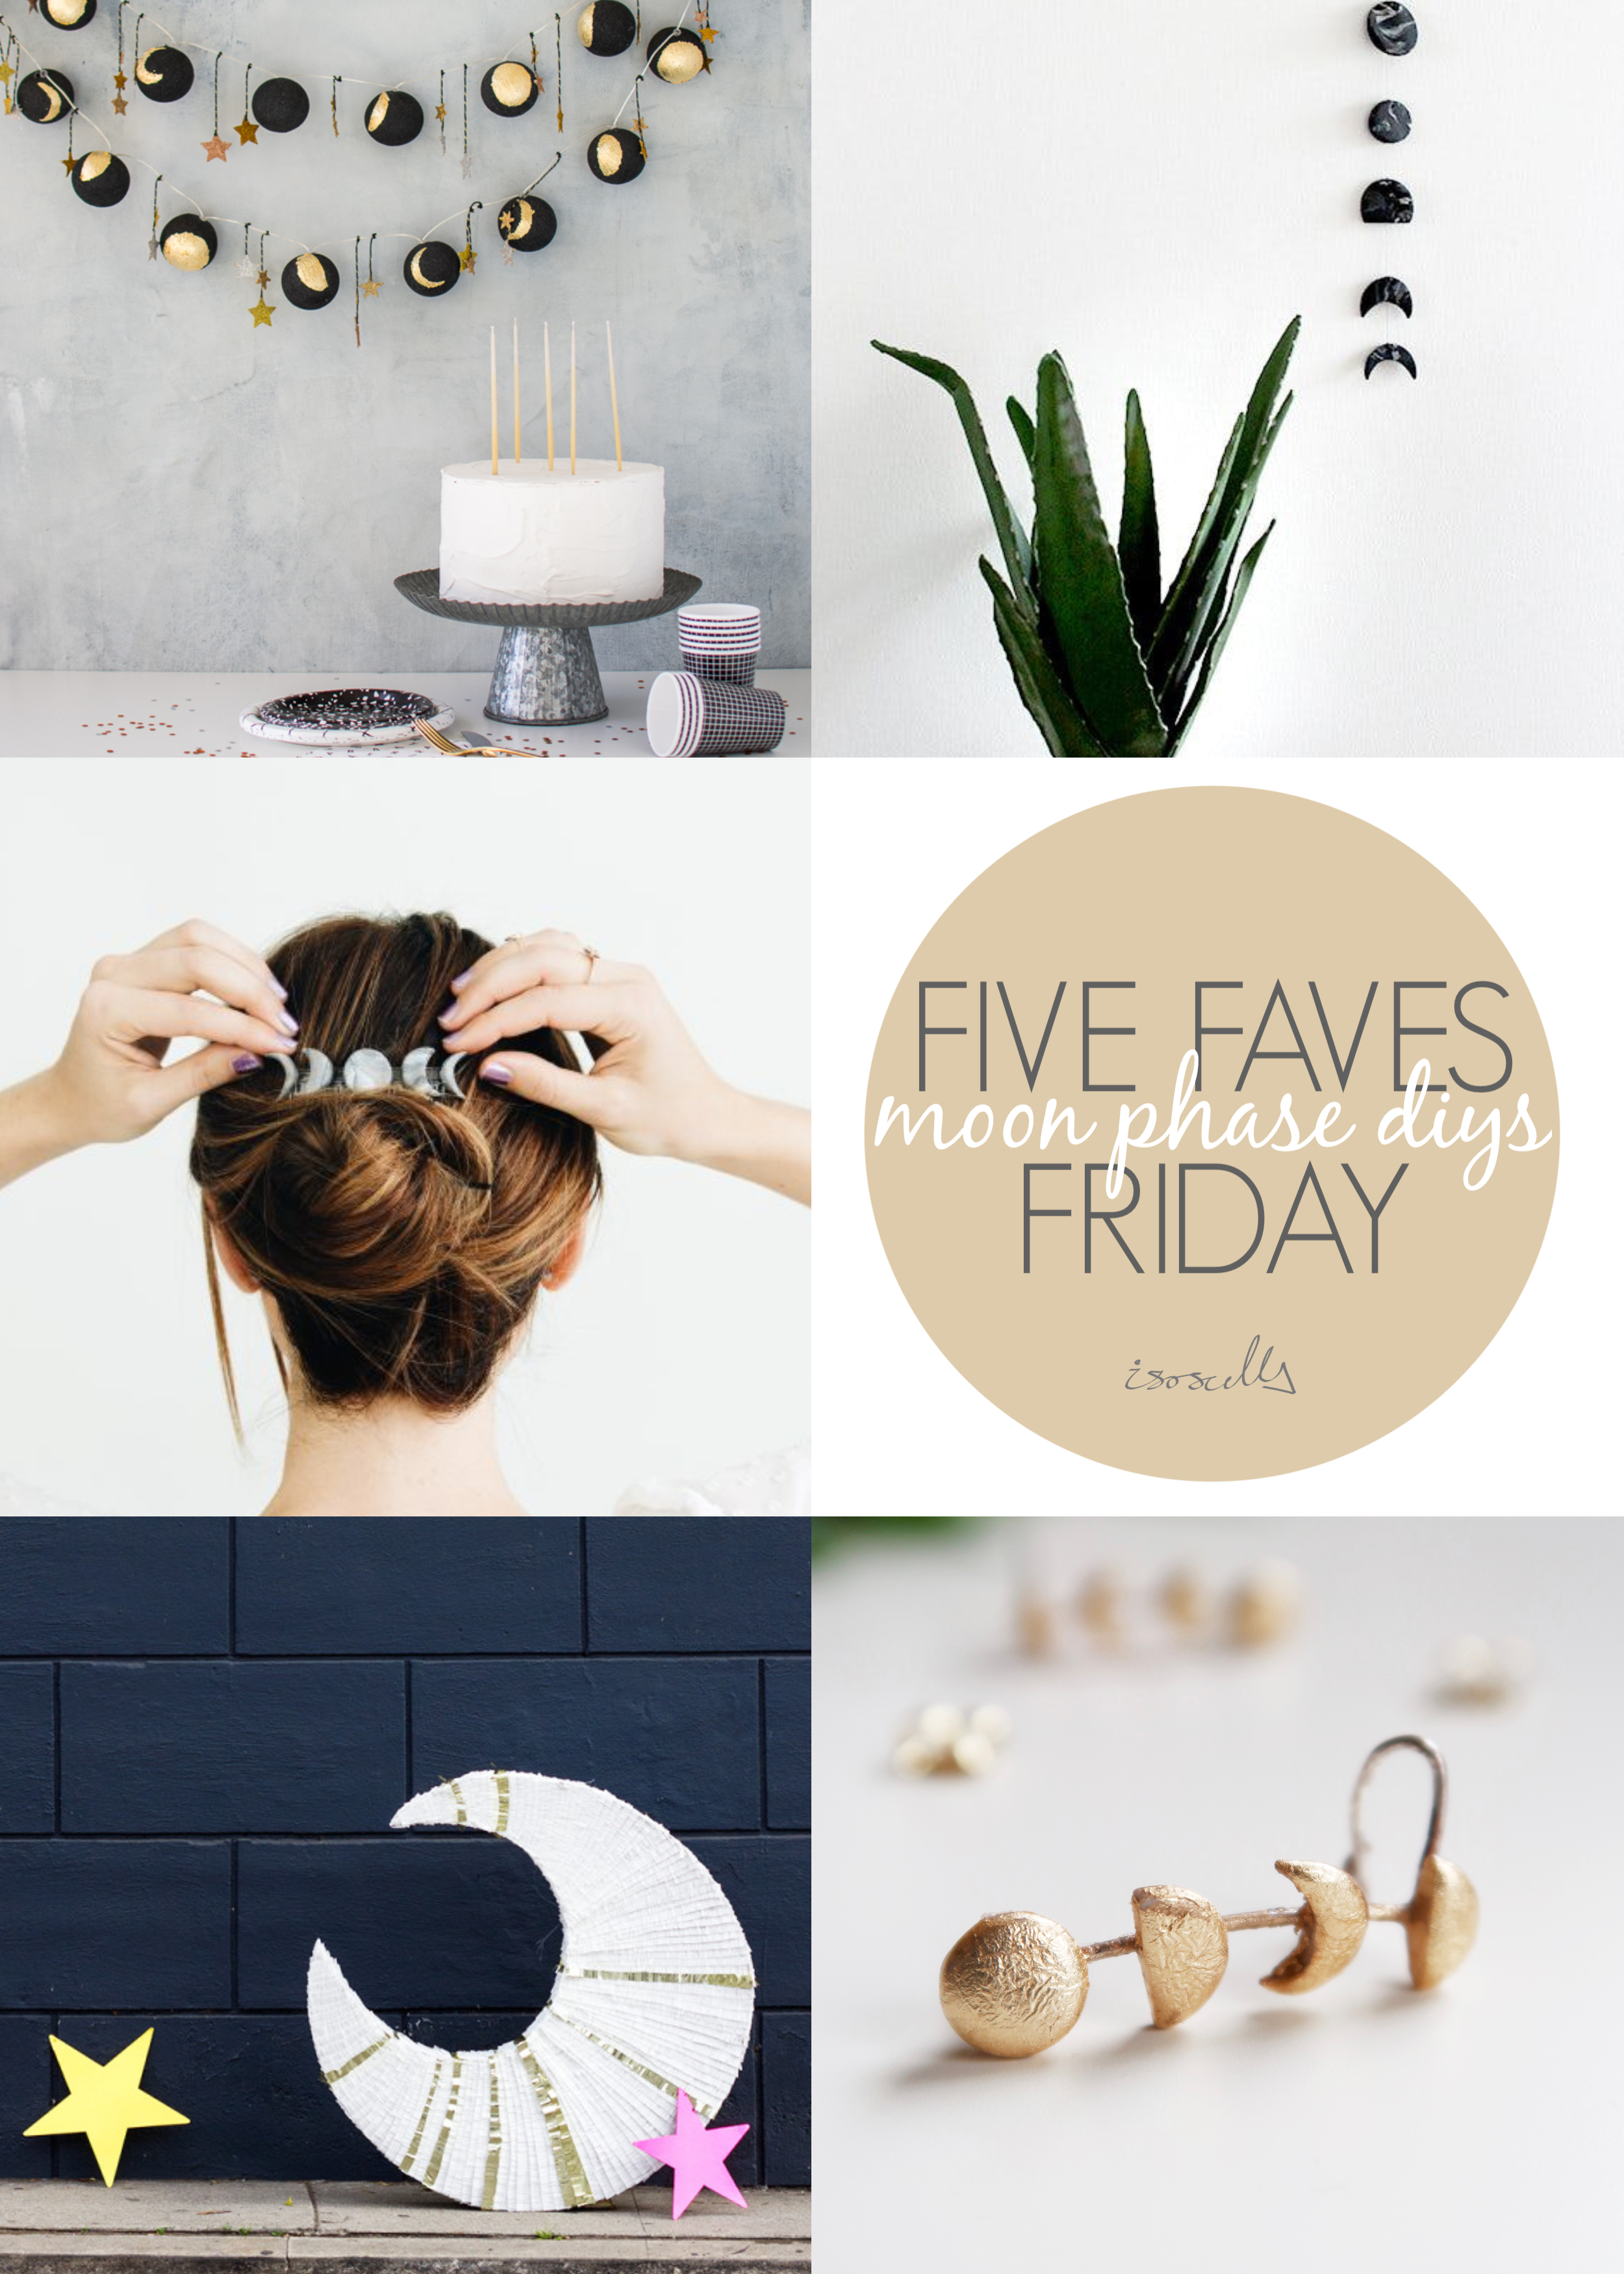 Five Faves Friday - Moon Phase DIYS - Isoscella